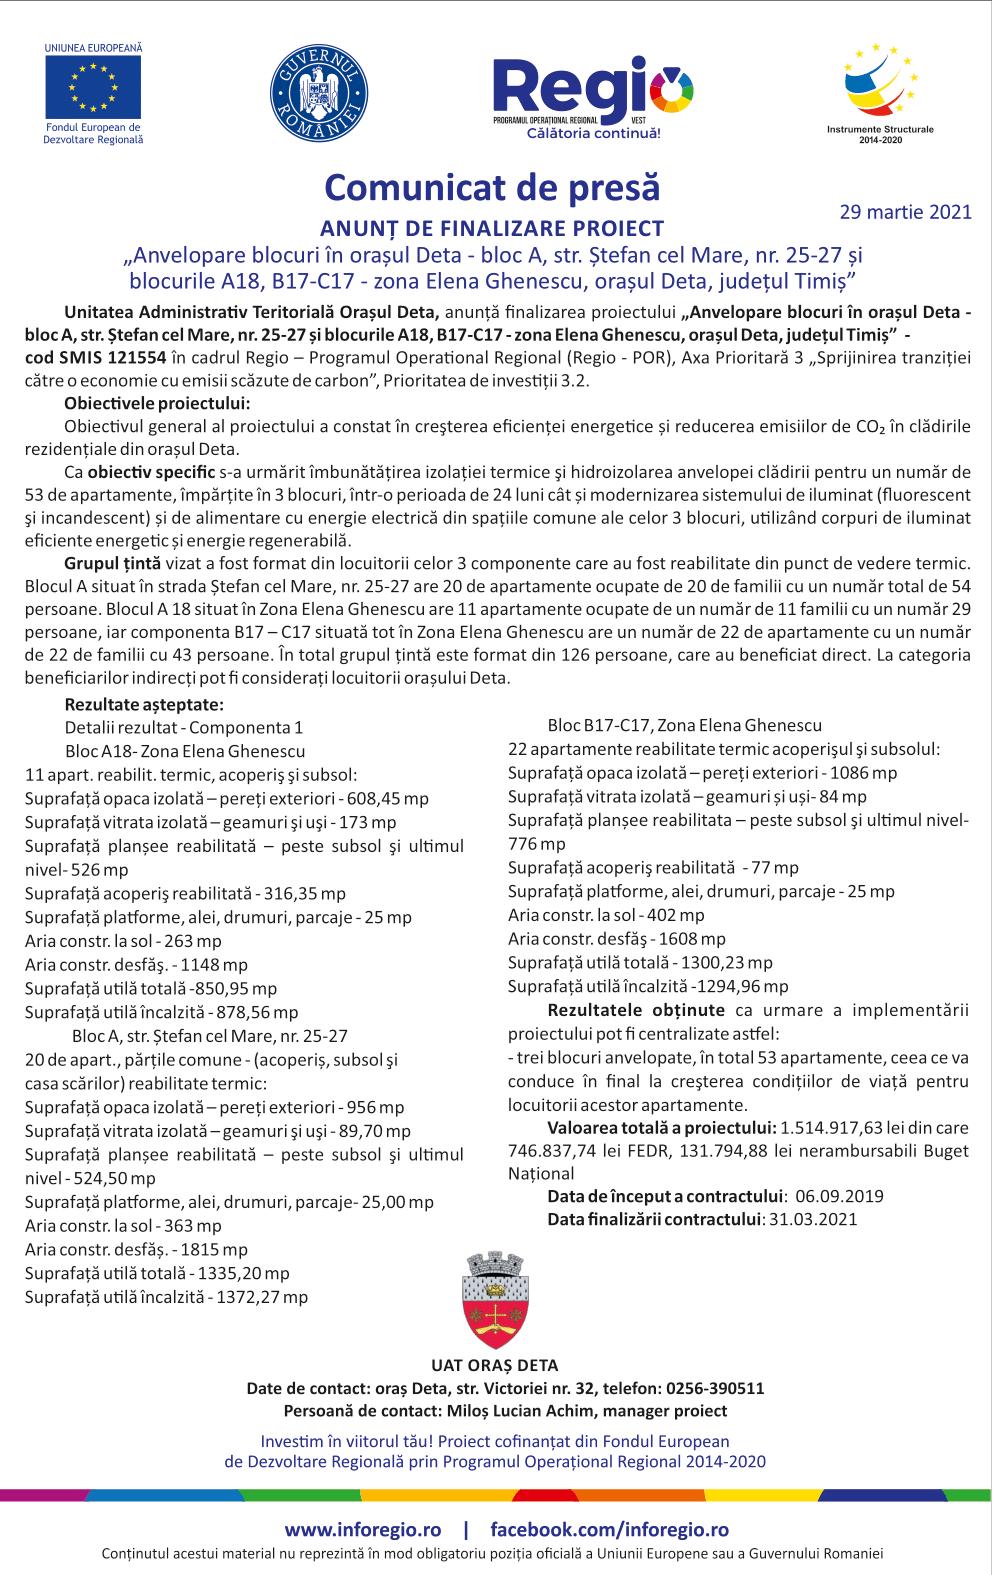 DETA comunicat de presa 29-1